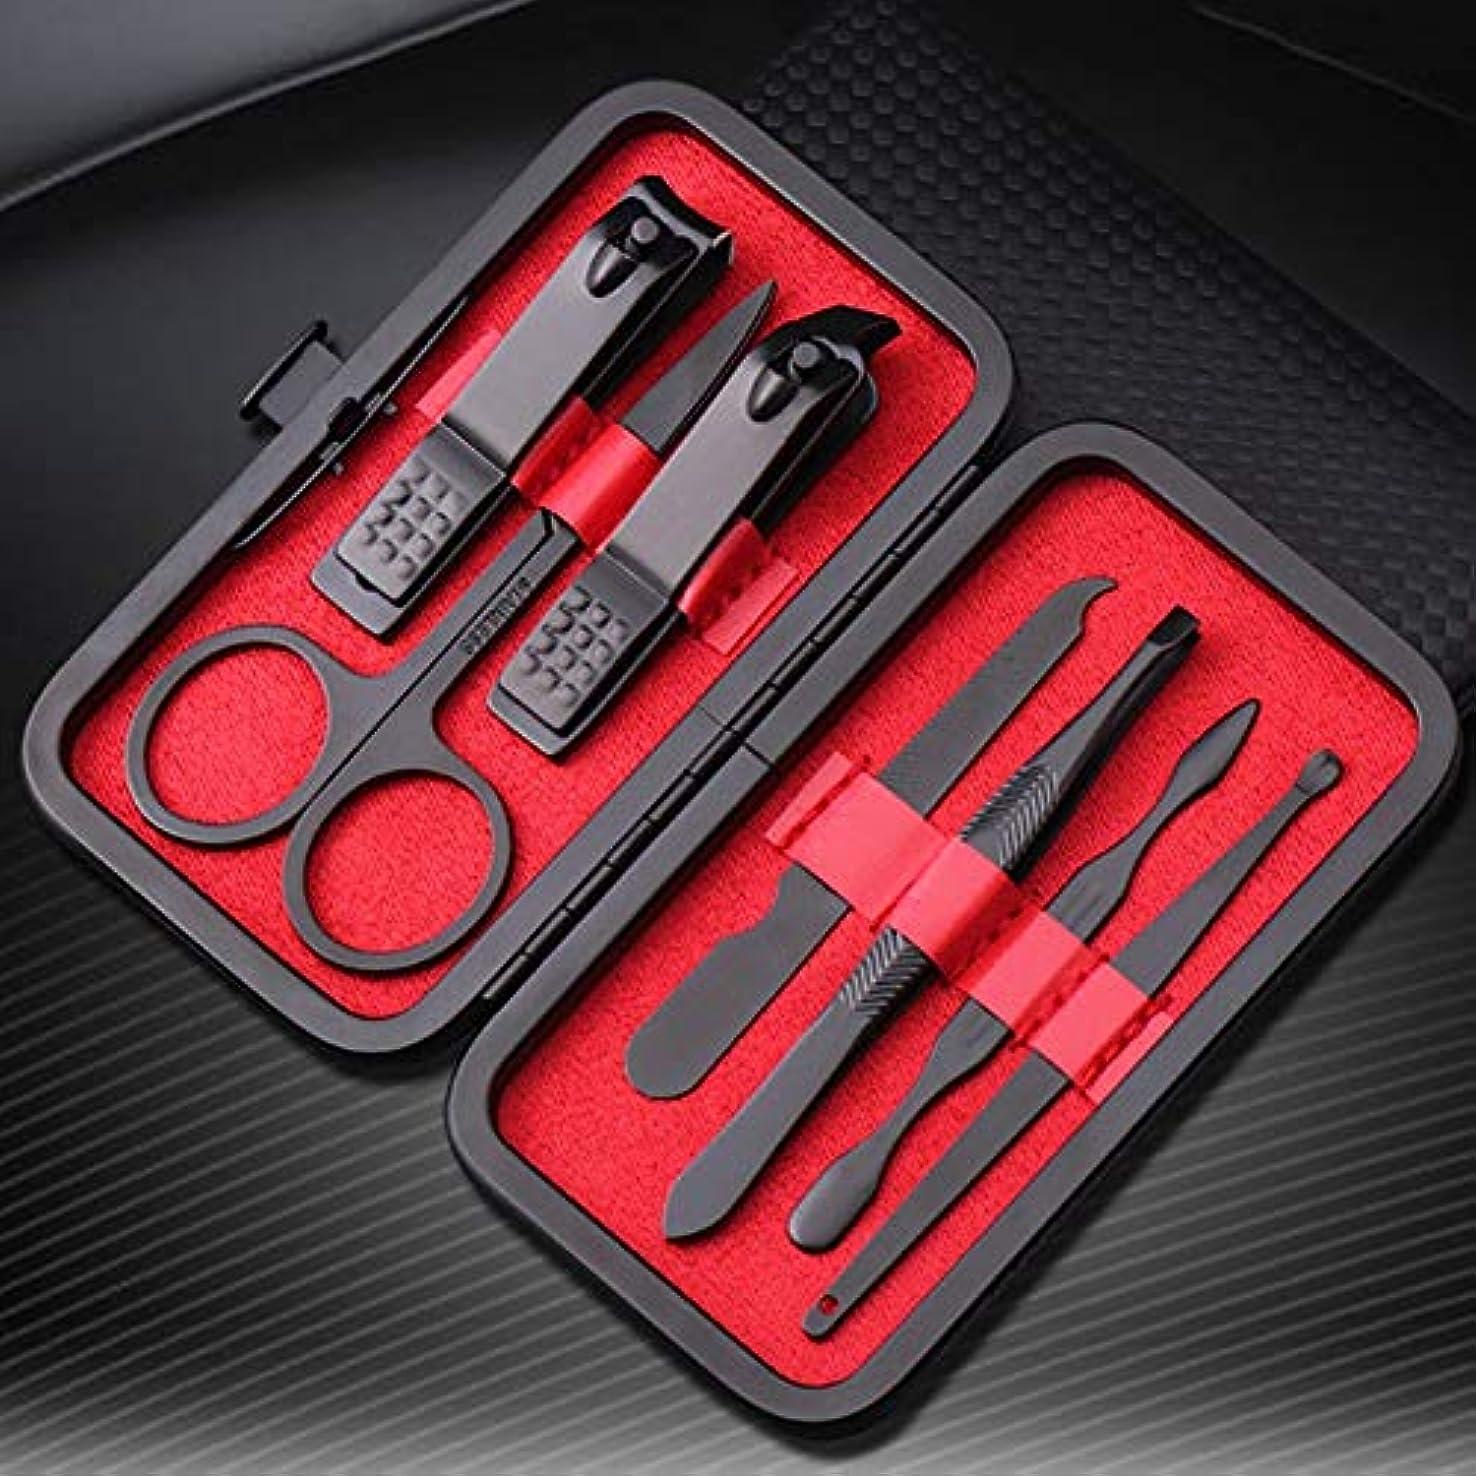 同時最も早い限定Yan マニキュアネイルクリッパーペディキュアセットポータブル旅行衛生キットステンレス鋼カッターツールセット